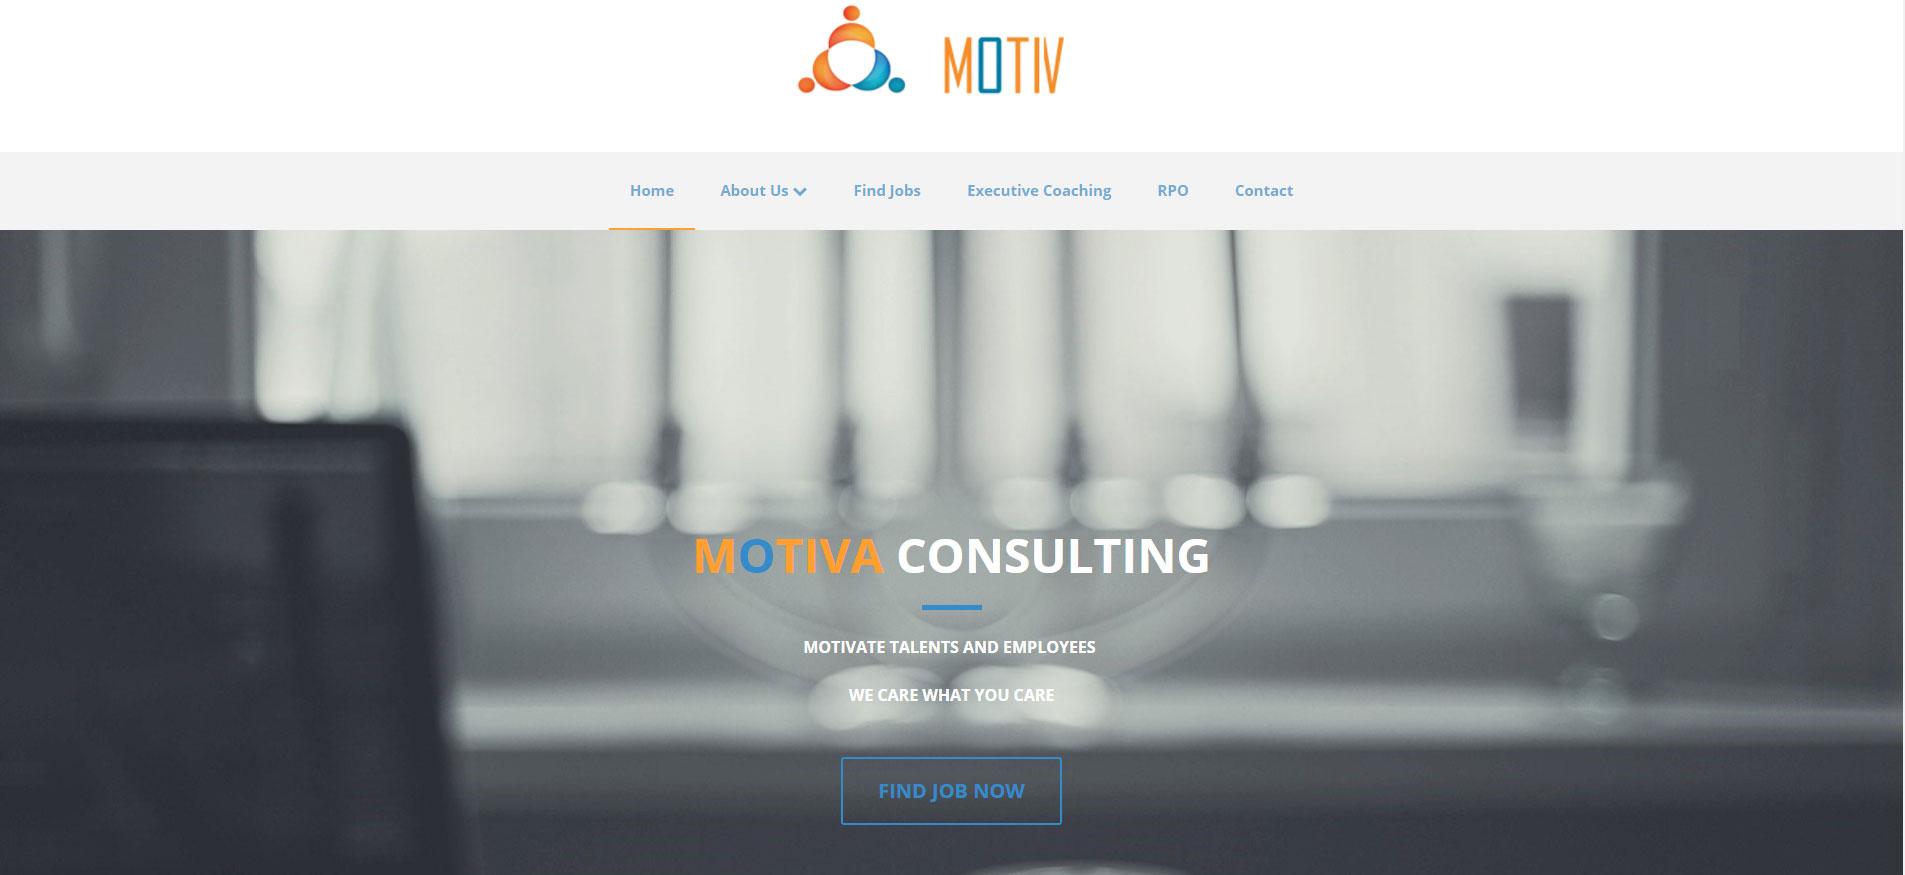 Consulting Website Design 3